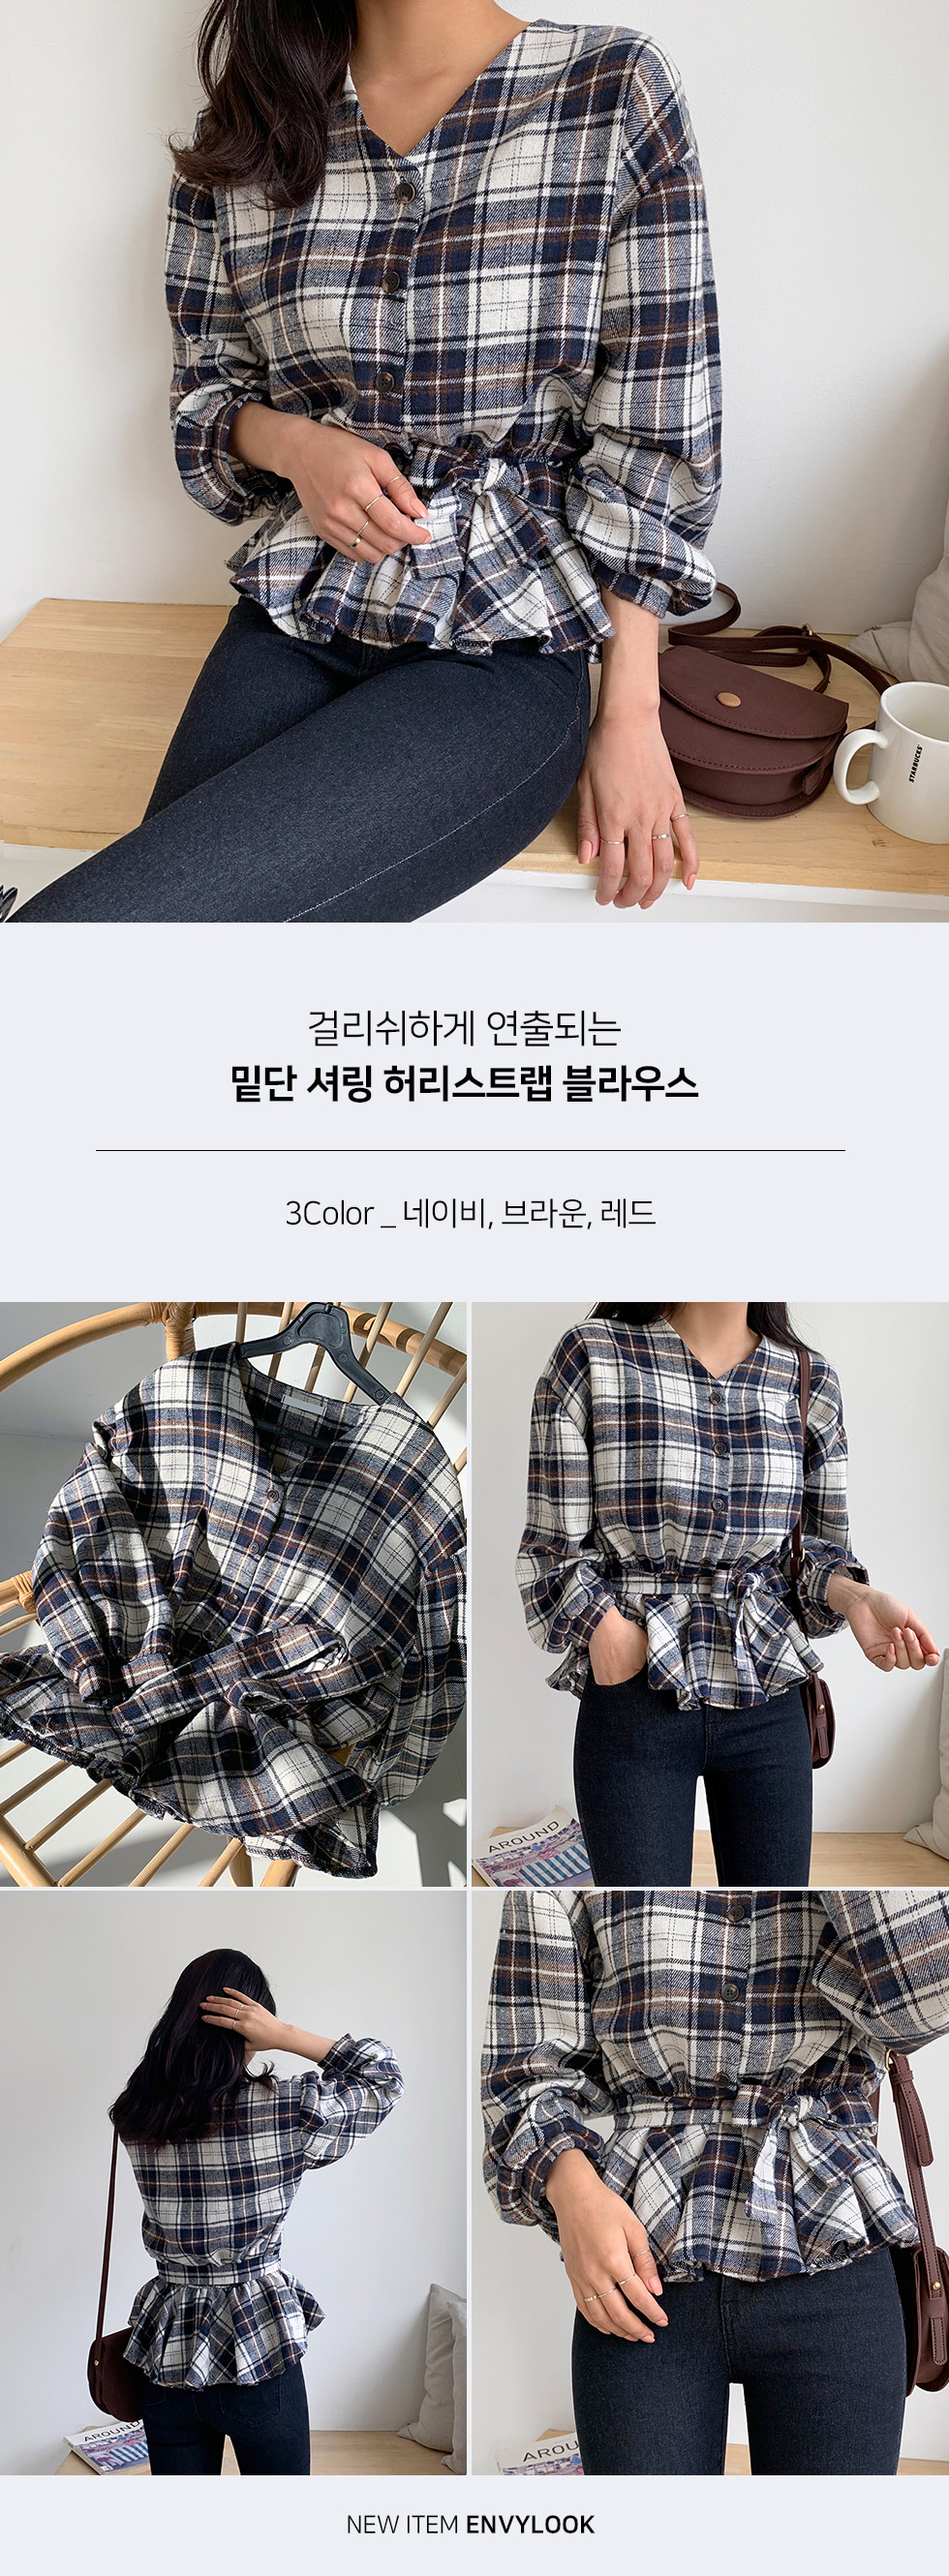 Pork ribbon blouse